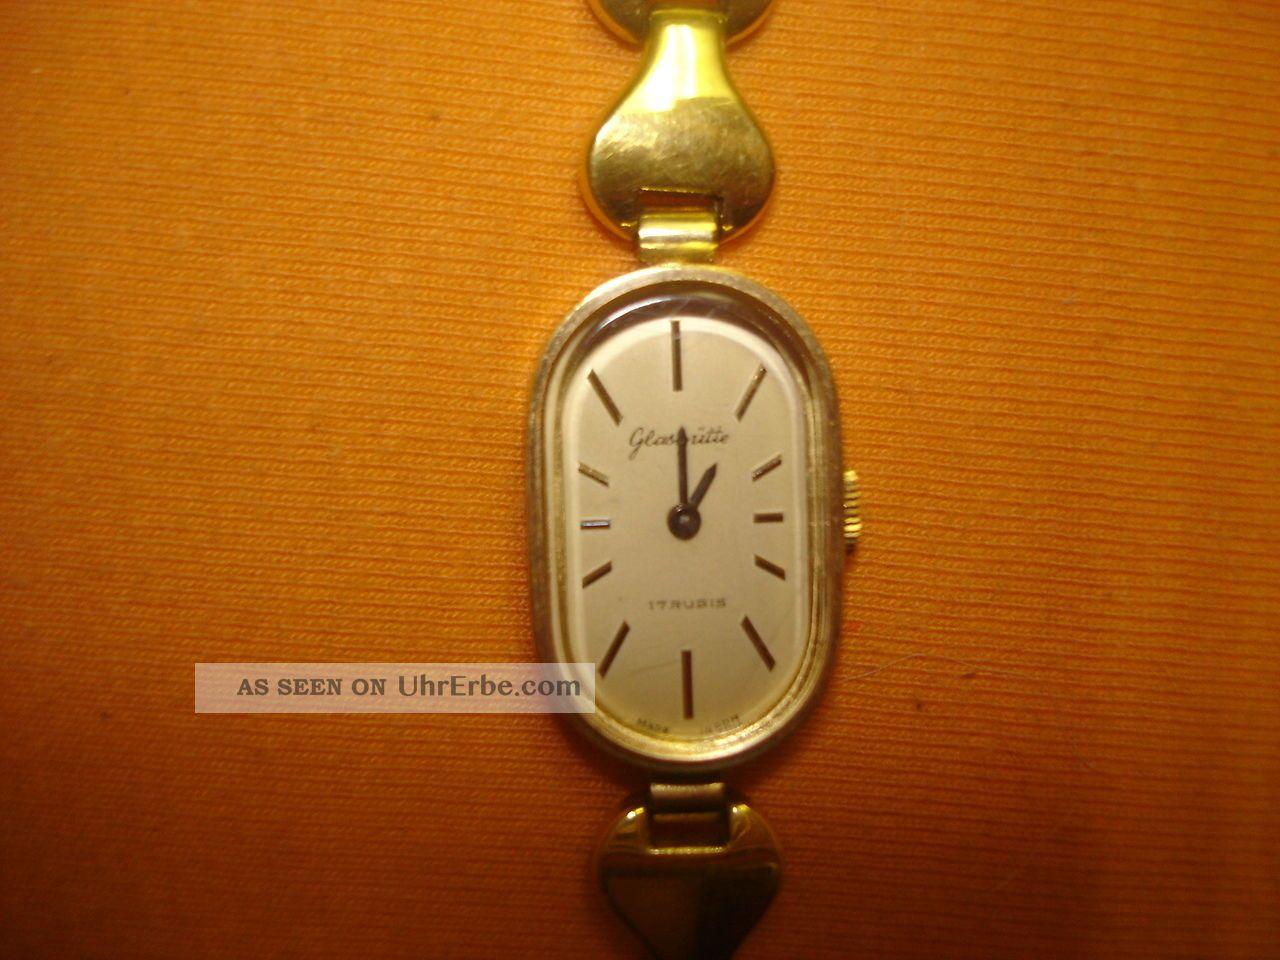 Glashütte Damenuhr Gold Gdr Armbanduhren Bild